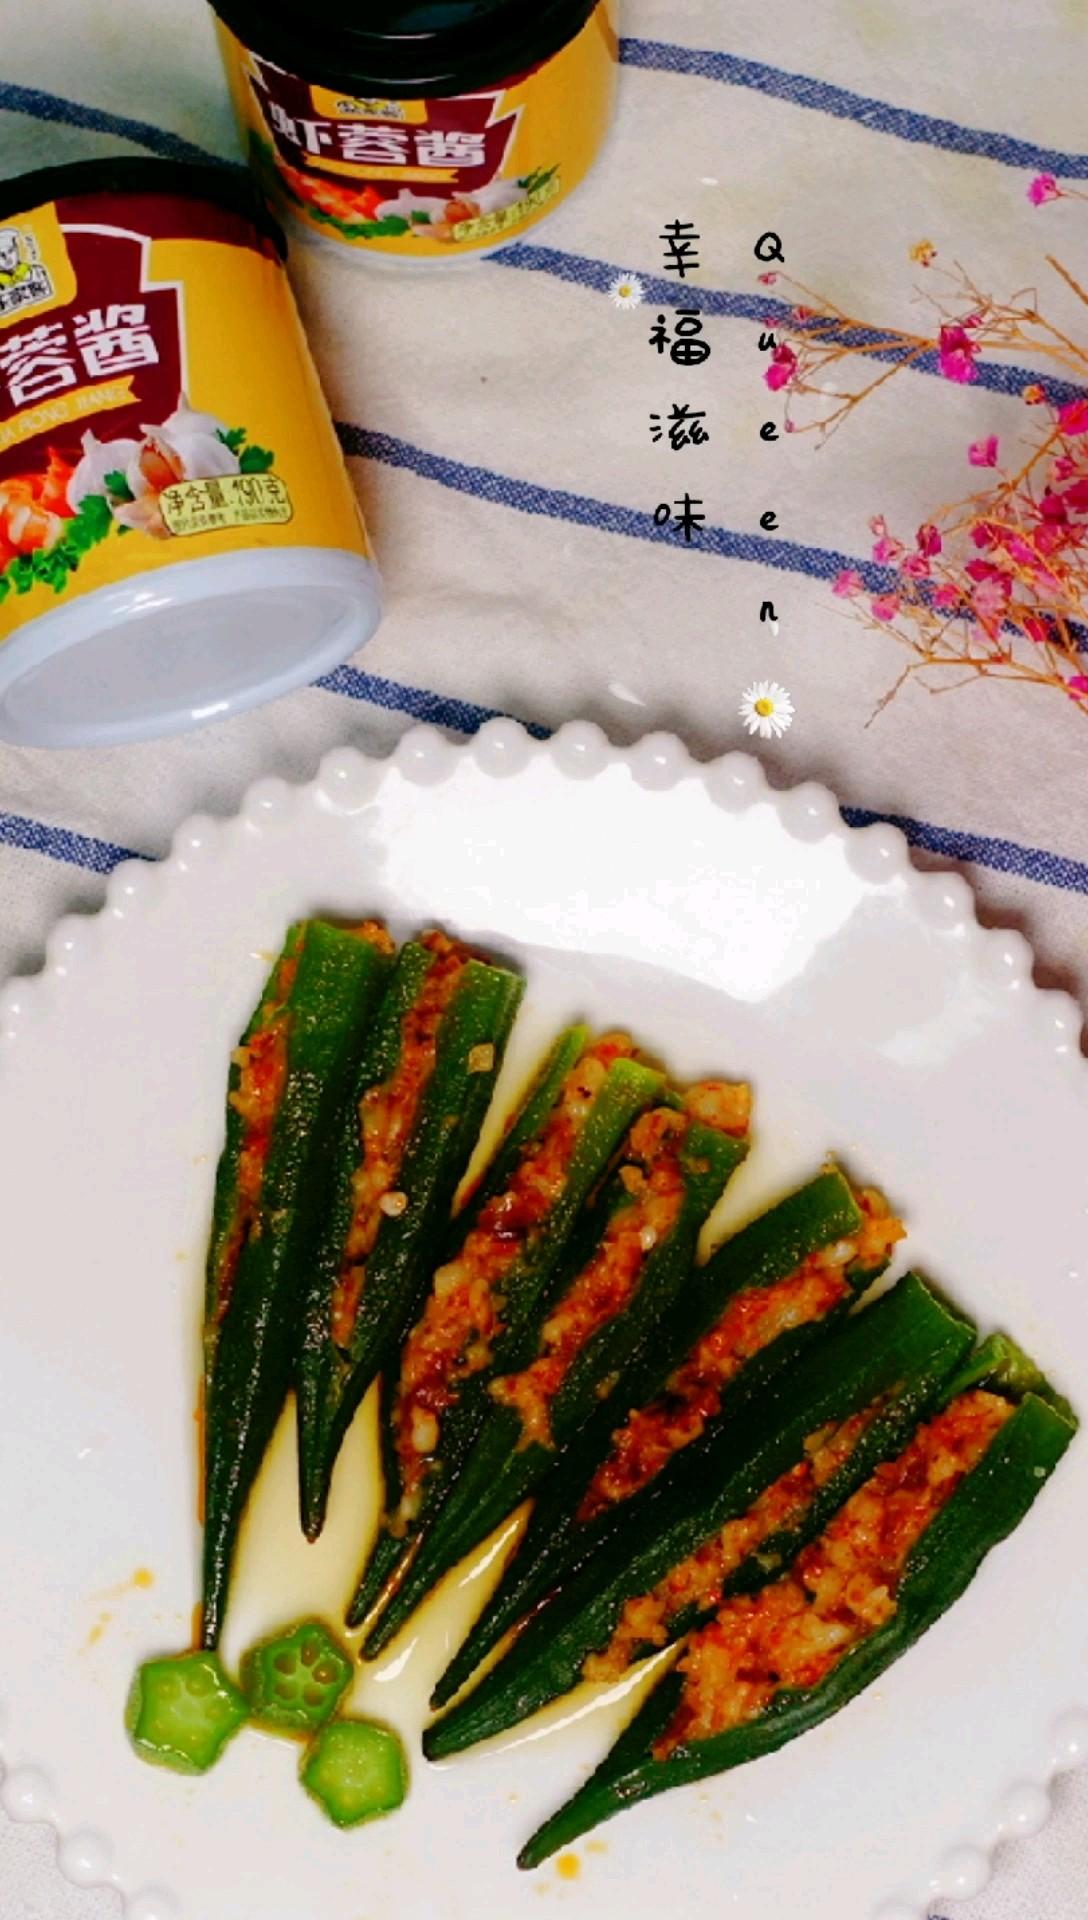 虾蓉酱秋葵的做法